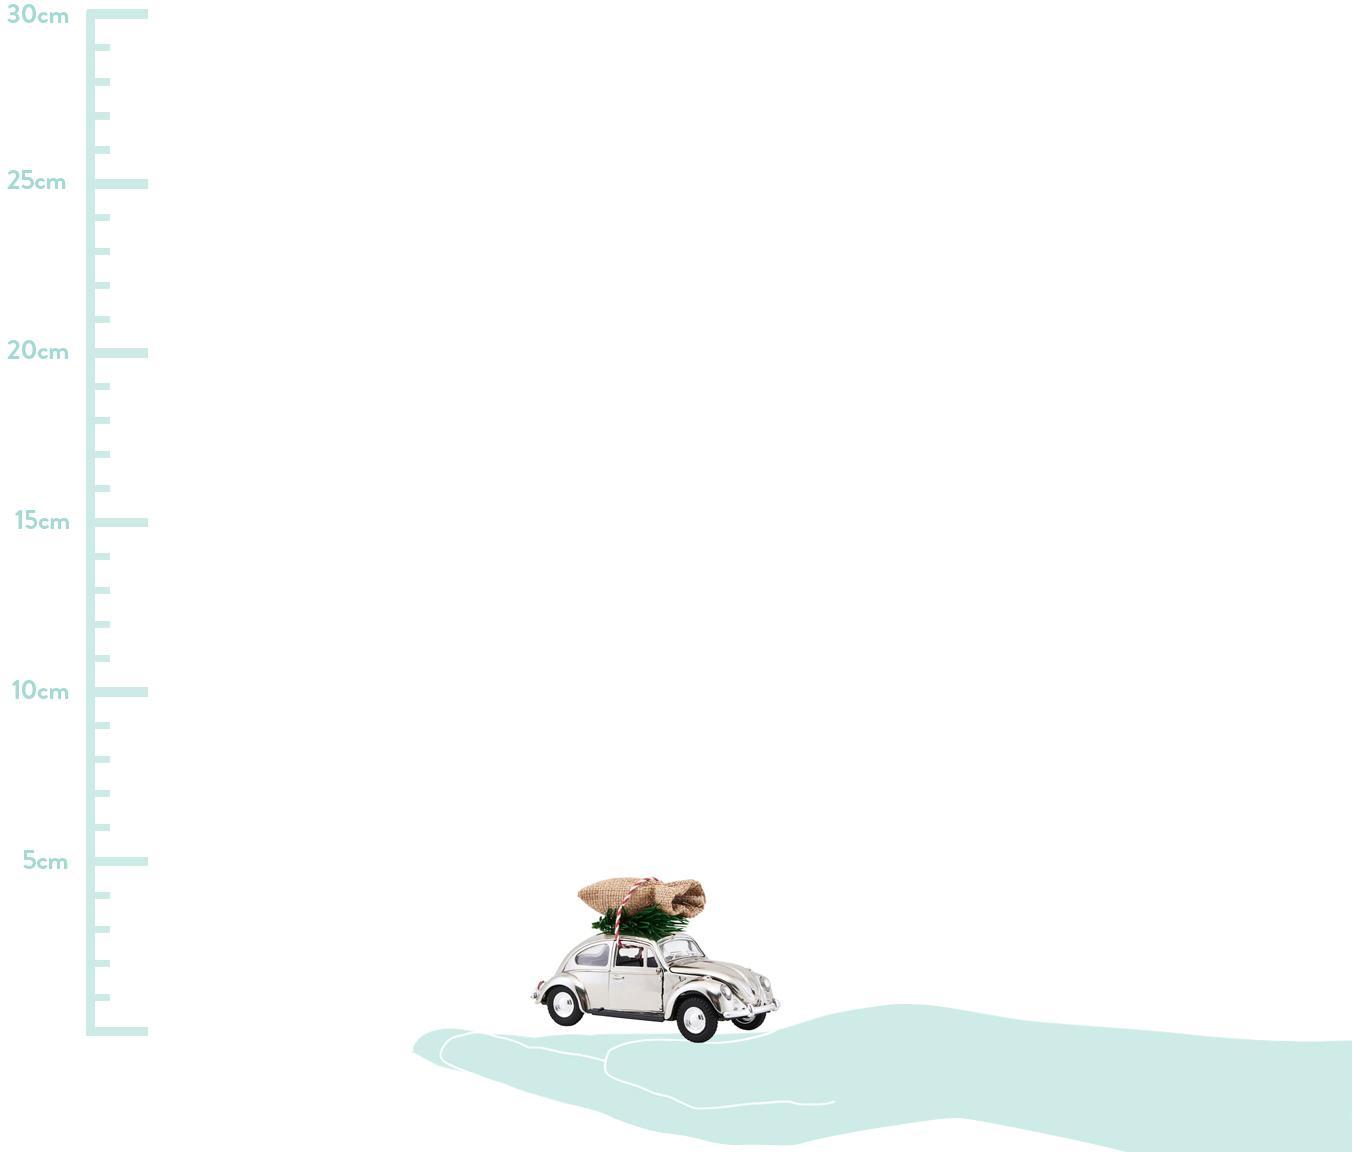 Deko-Objekt XMAS Delivery, Zink, Plastik, Chrom, Grün, Beige, 5 x 7 cm